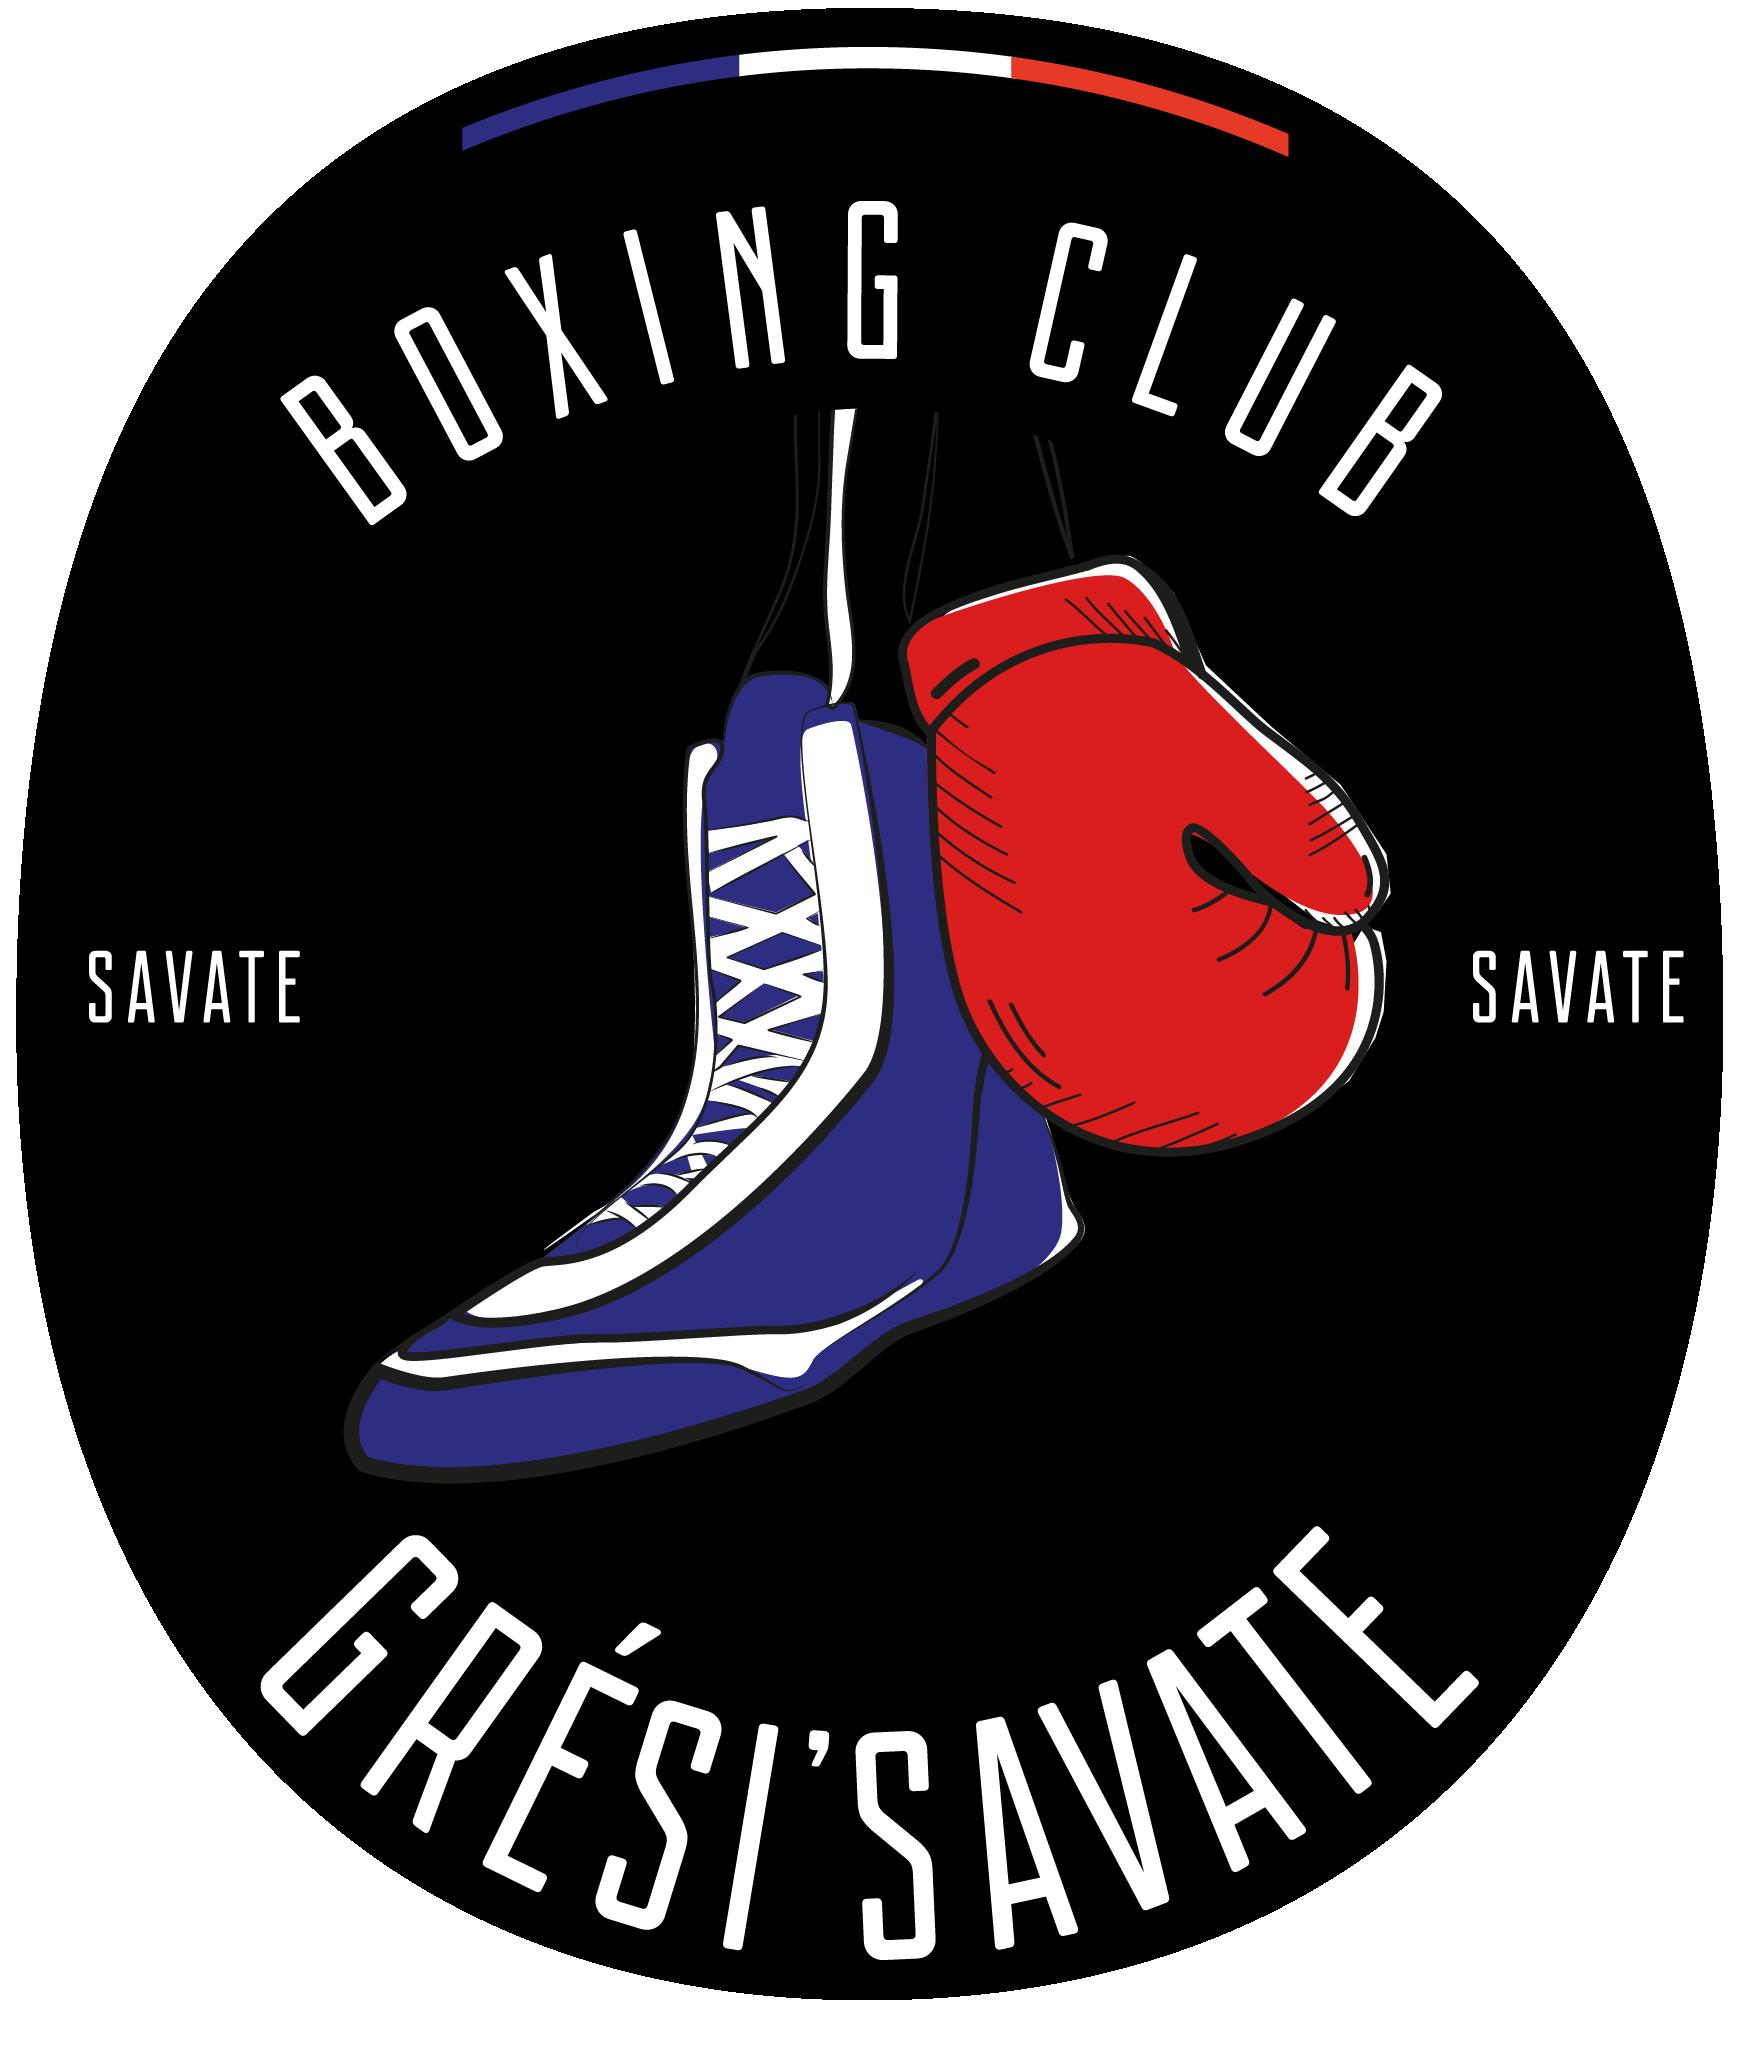 Boxe Grisevaudant